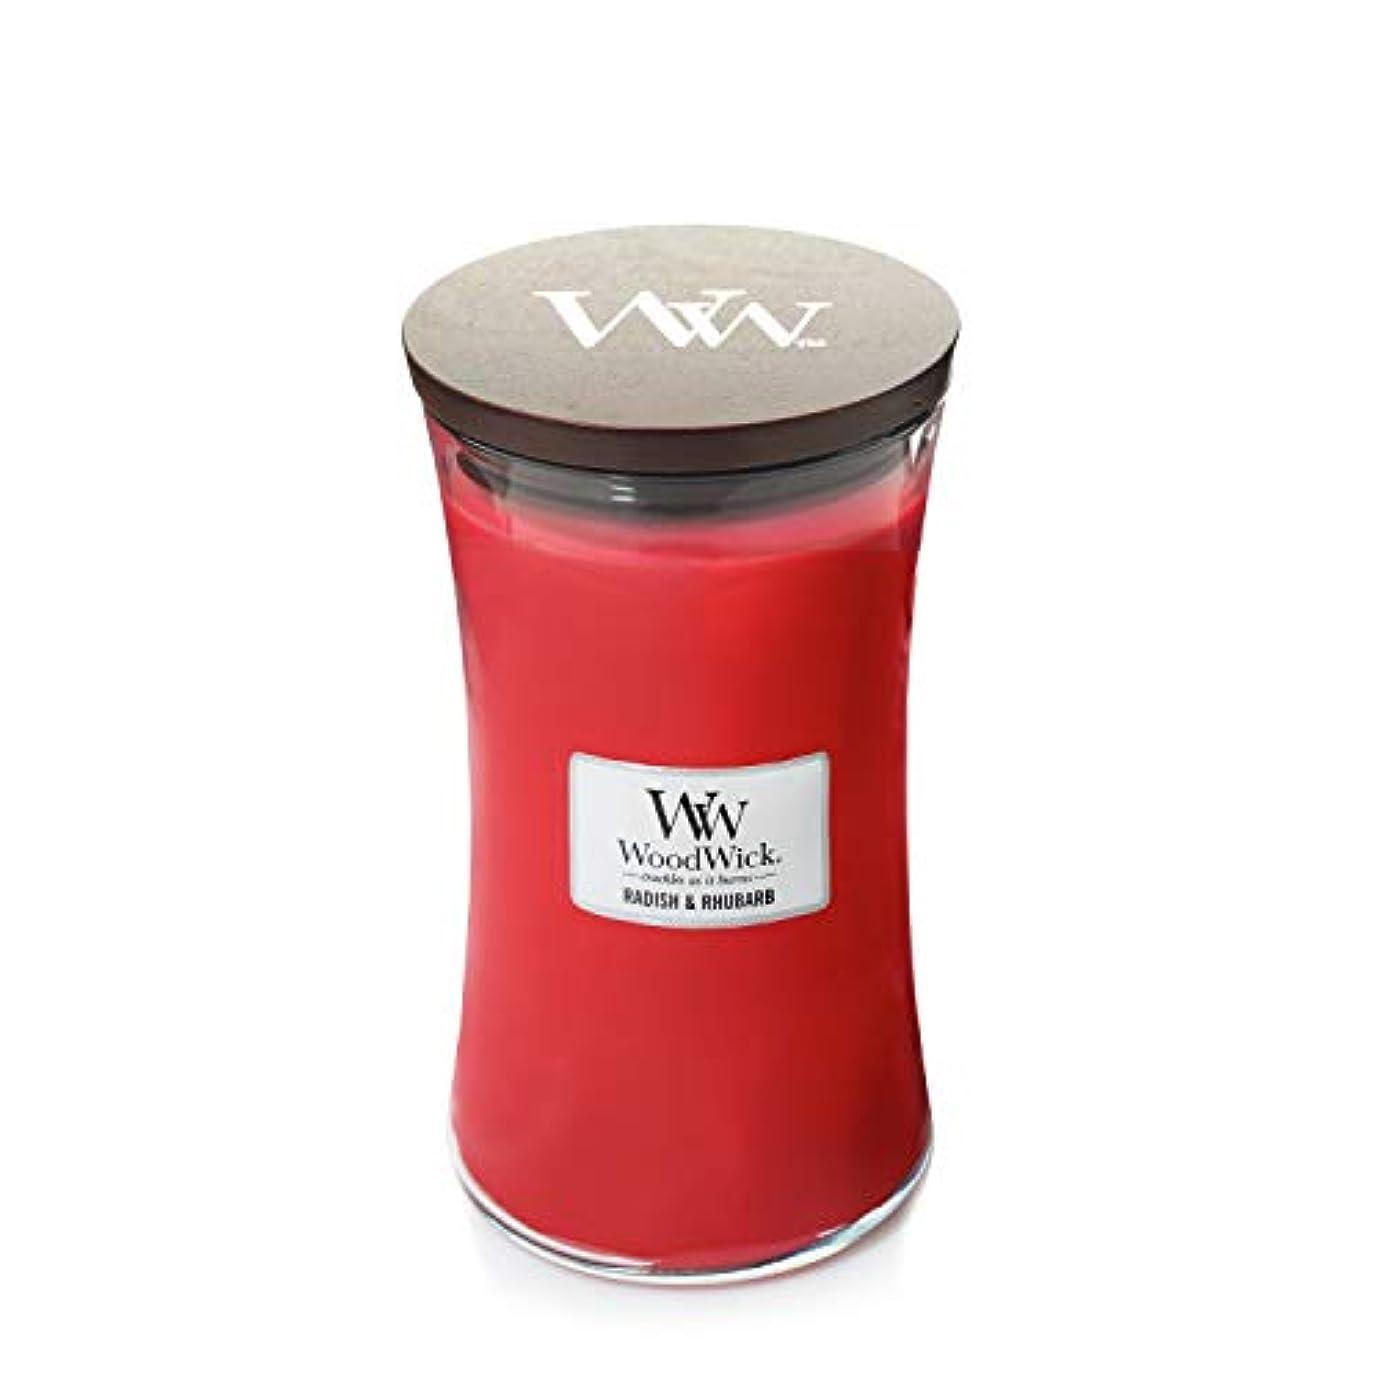 お苦しみ不利WoodWick Radish and Rhubarb Large Jar Scented Candle